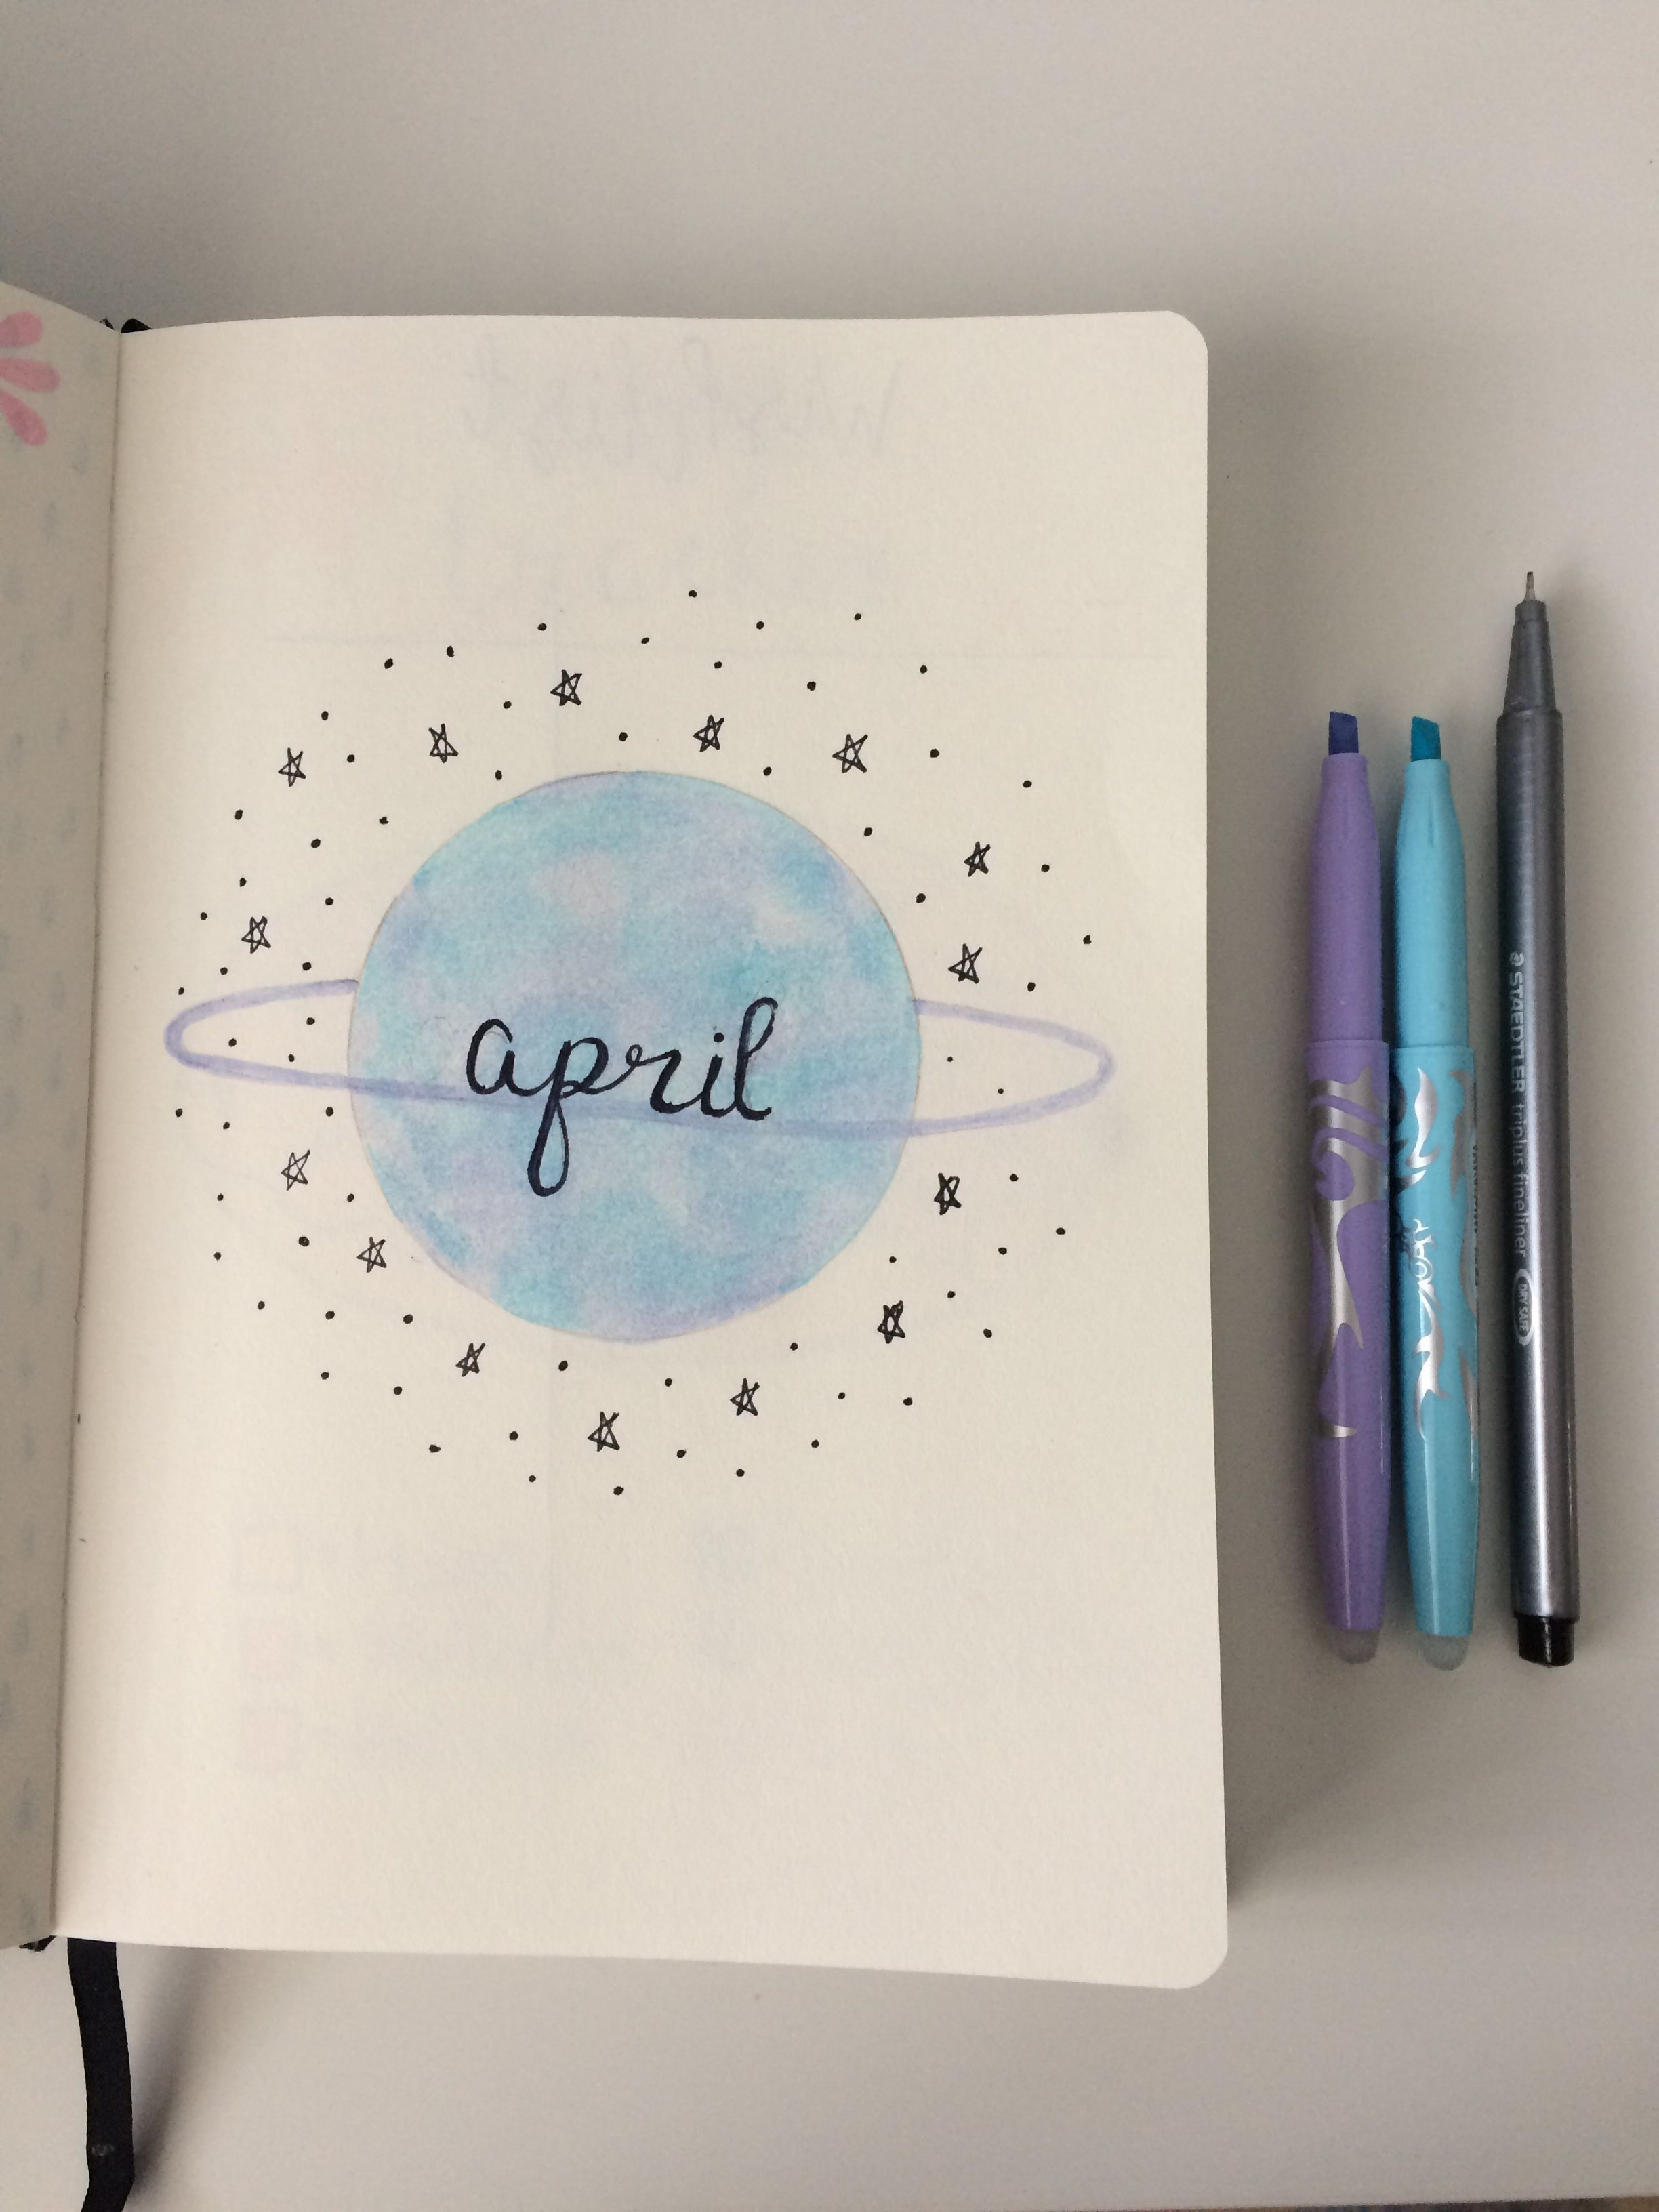 April title page